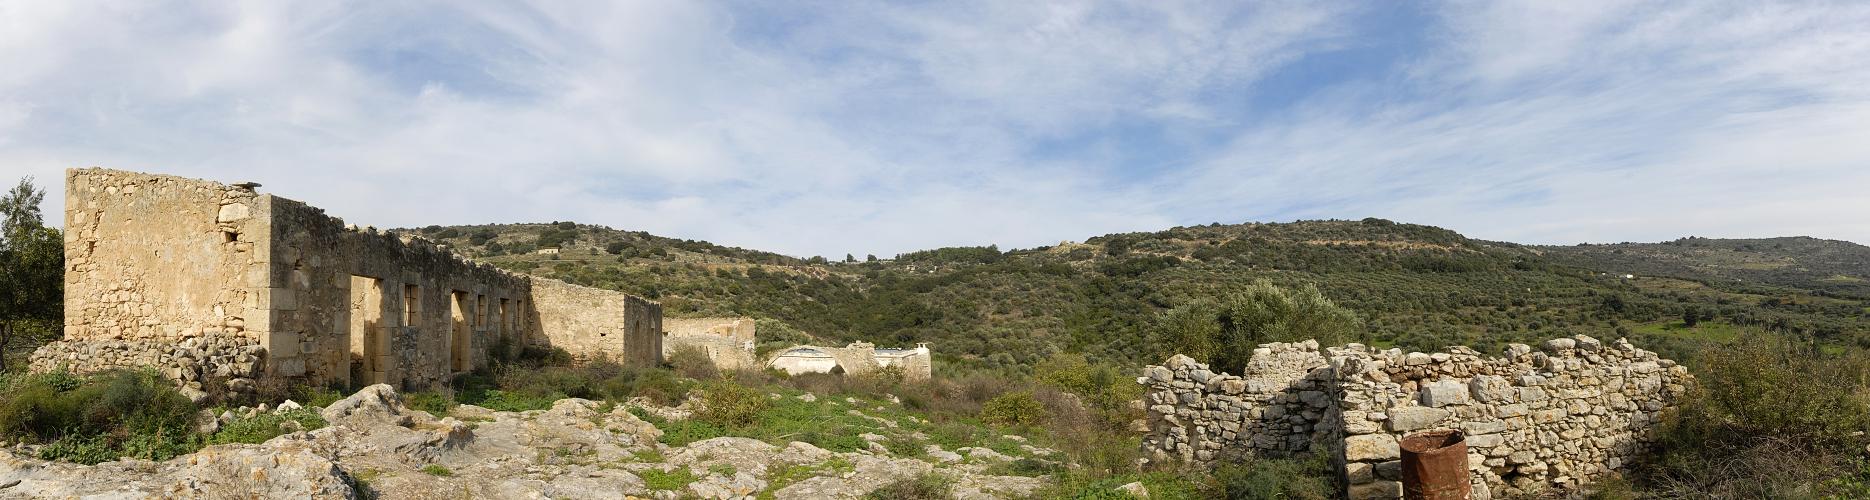 Kreta-2012_11_28-11_31_52 Panorama